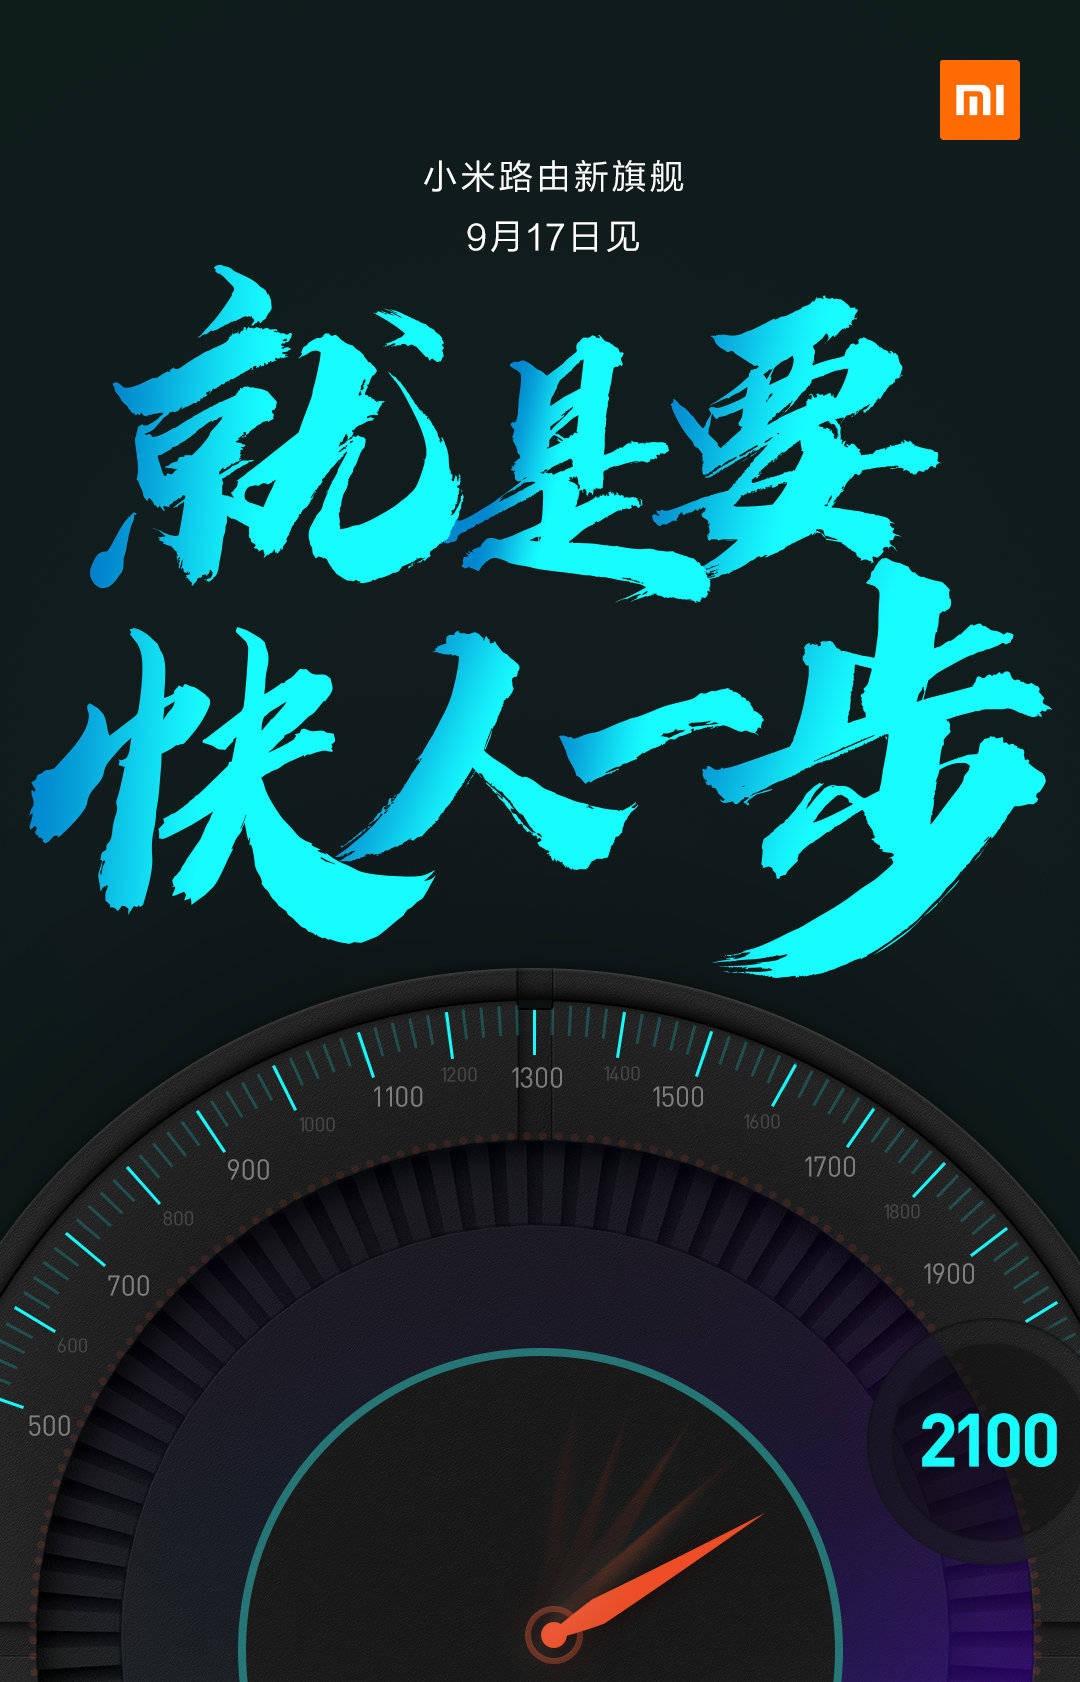 Xiaomi, 2.100 Mbps'ye ulaşabilen yeni bir yönlendirici başlatmaya hazırlanıyor. Xiaomi Addicted Haber